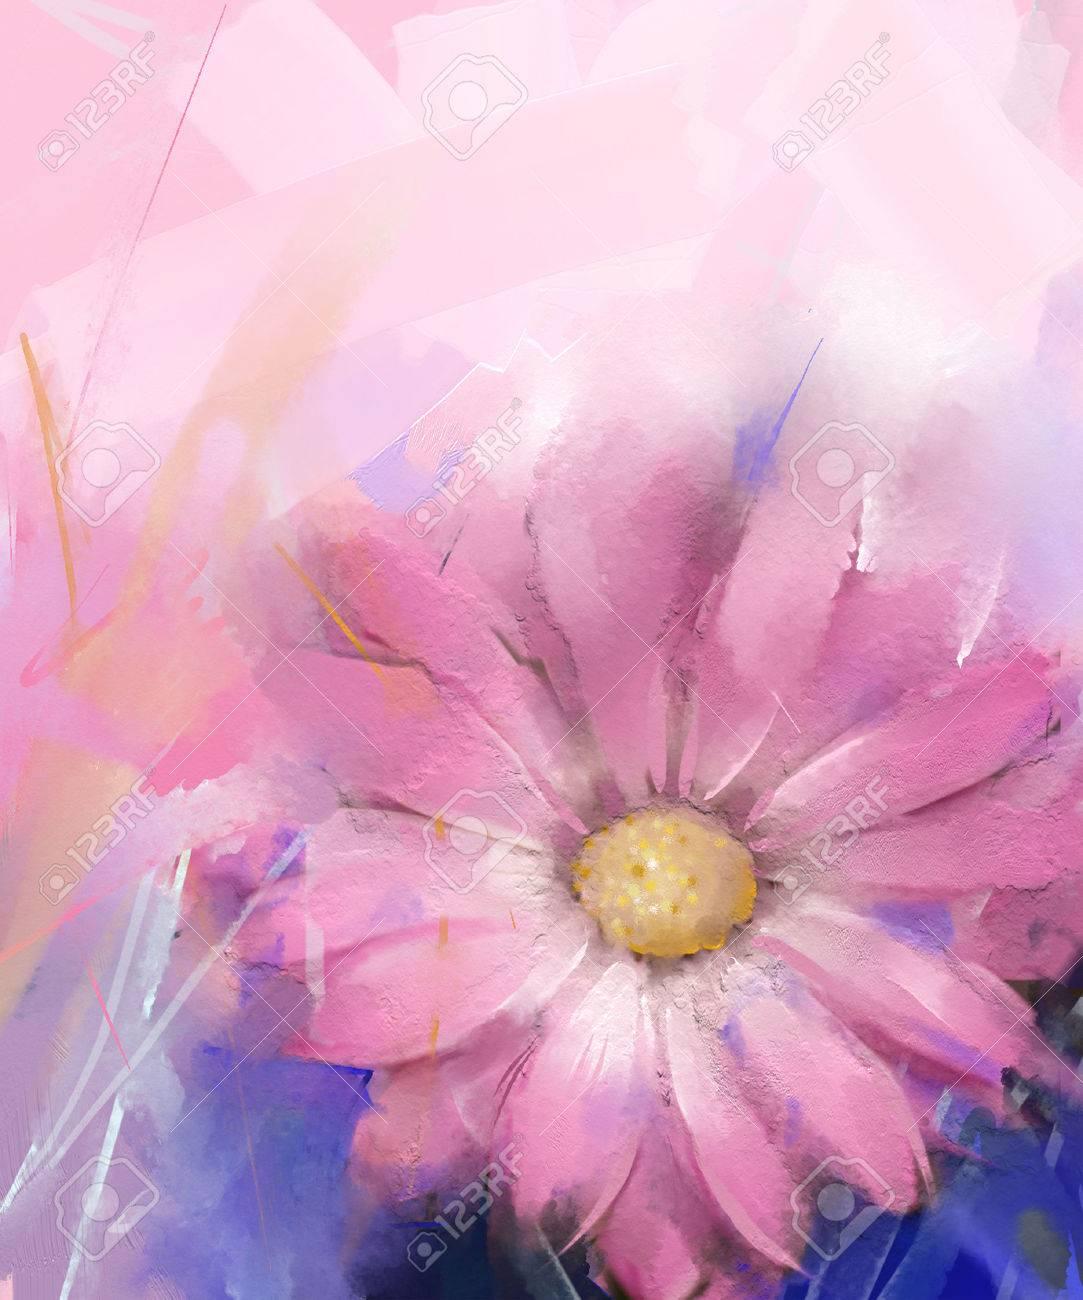 Pink flower gerbera flower oil painting stock photo picture and pink flower gerbera flower oil painting stock photo 43280392 mightylinksfo